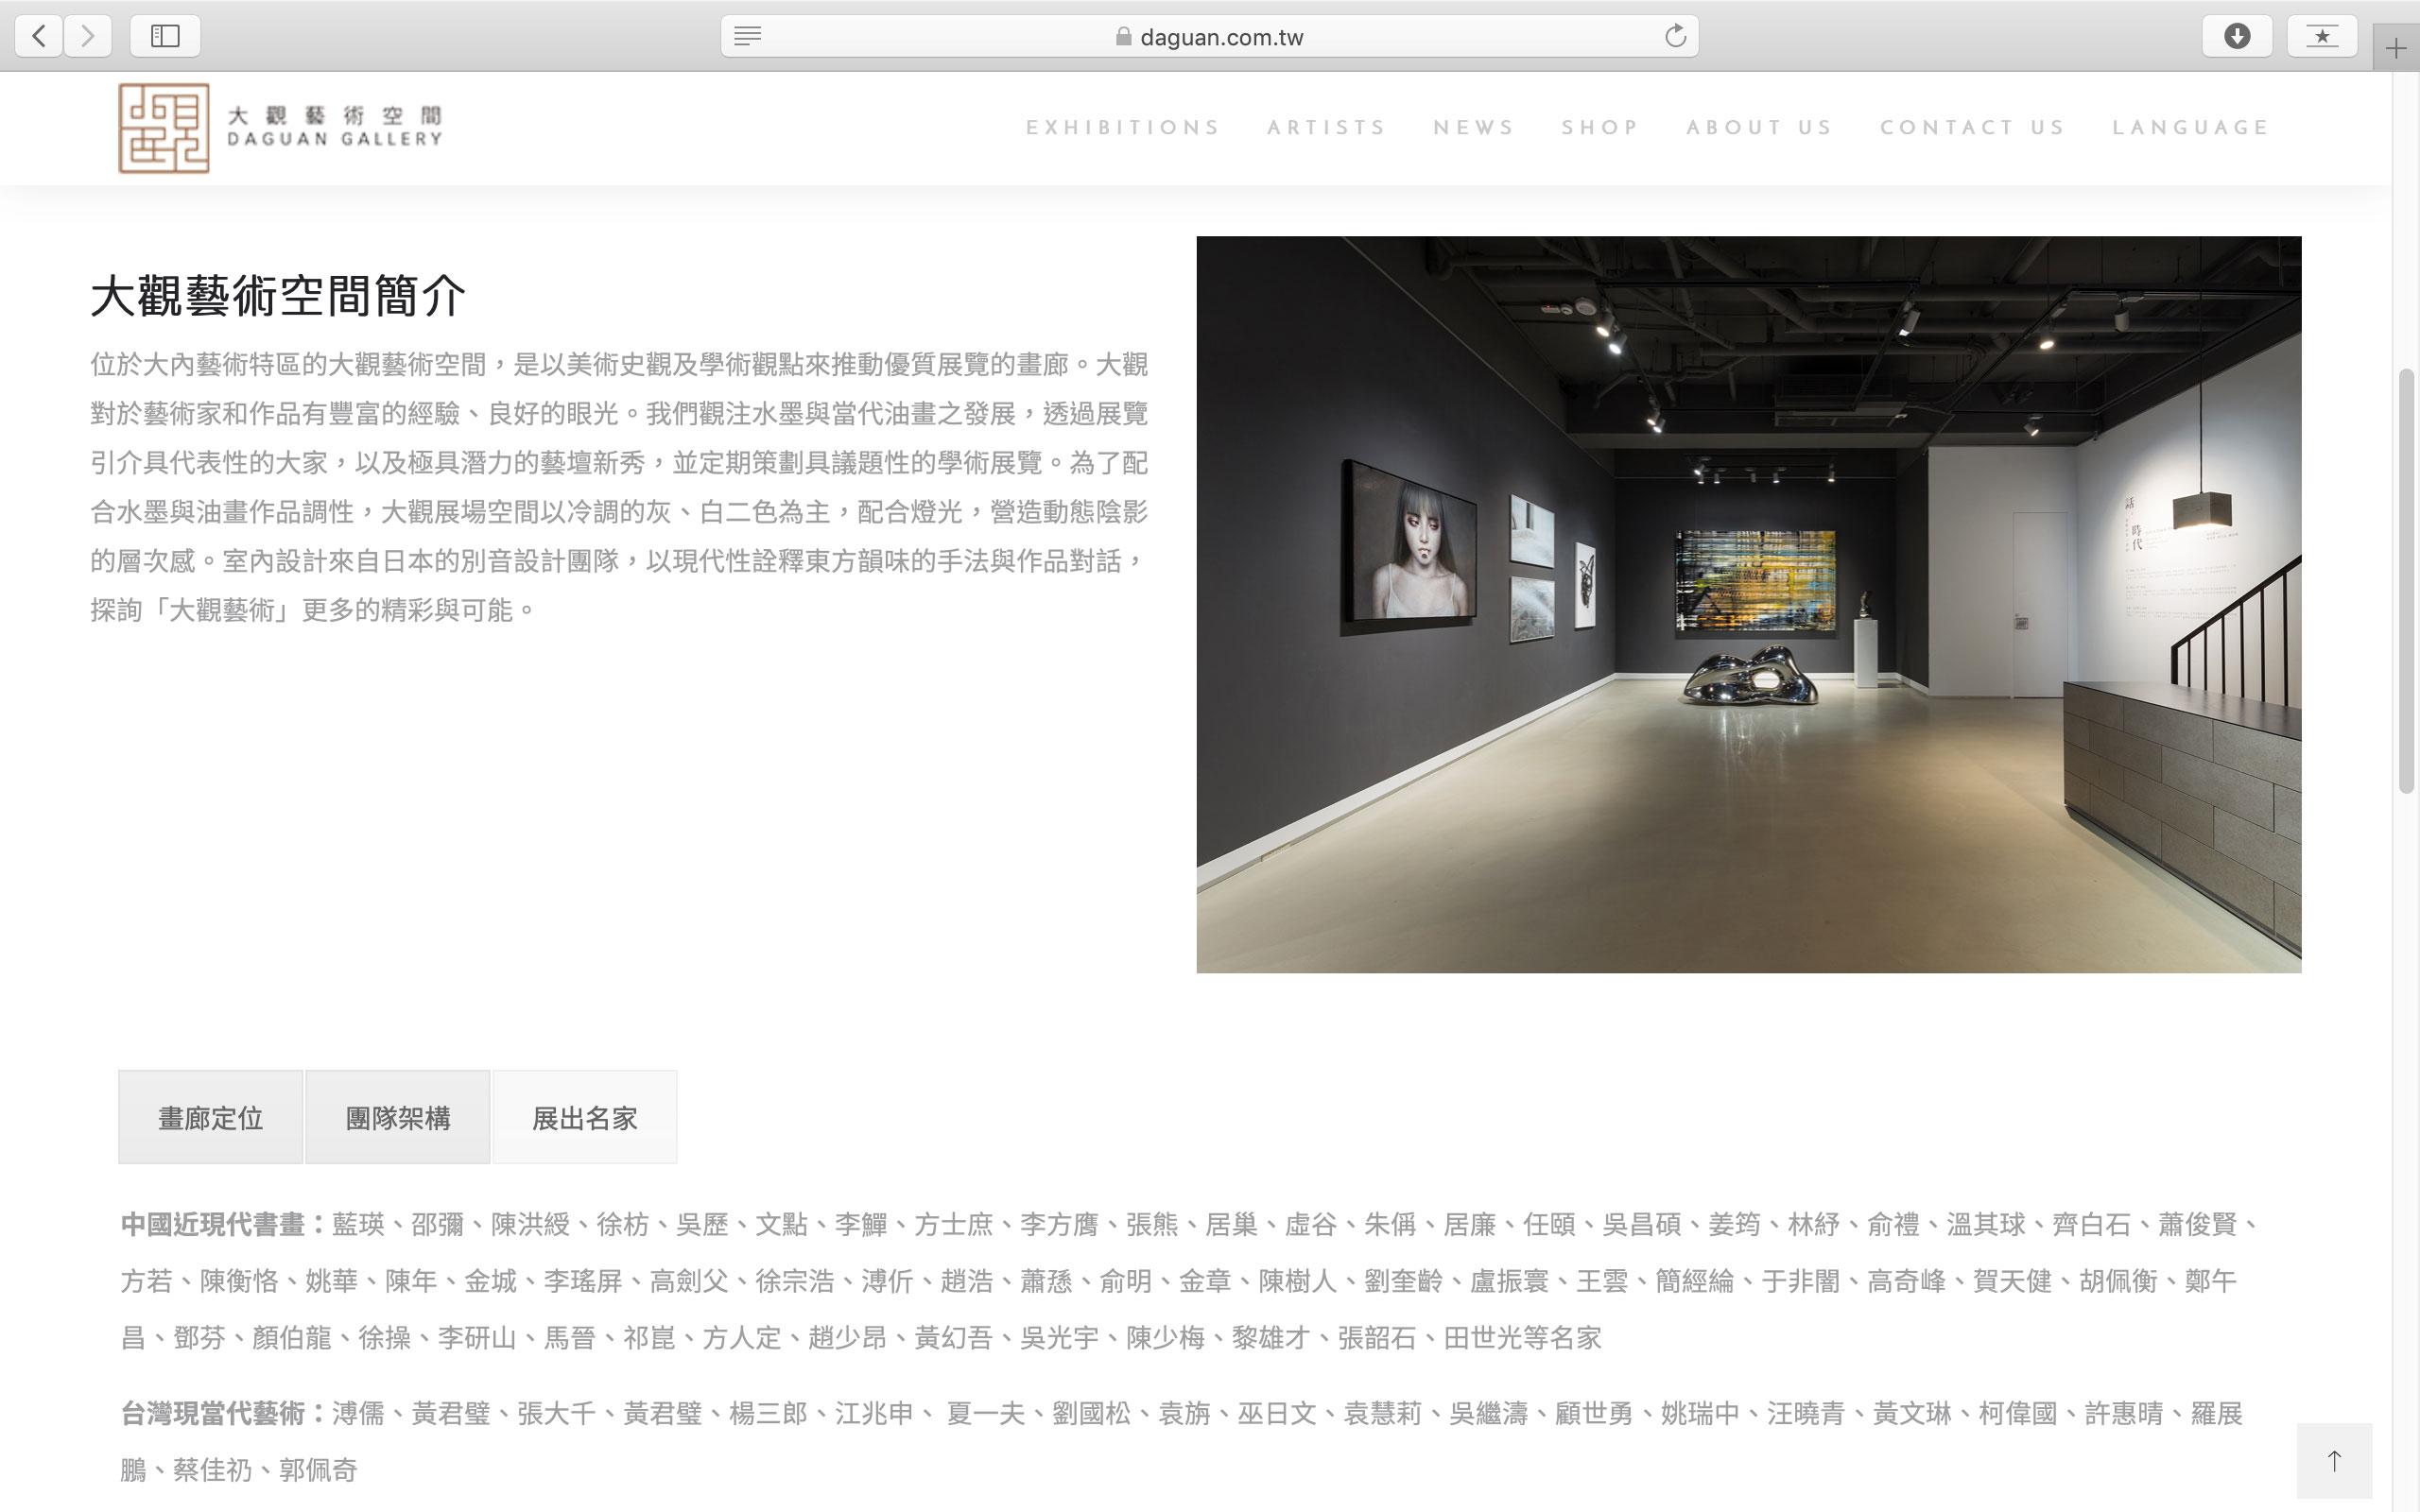 网页设计作品,网页设计,大观艺术空间摄影,艺廊摄影,美术馆,展场摄影,艺术,RWD网页设计,响应式网页设计,复合式作品集,复合式讯息栏位,多媒体动态页面,崁入Google Map 地图